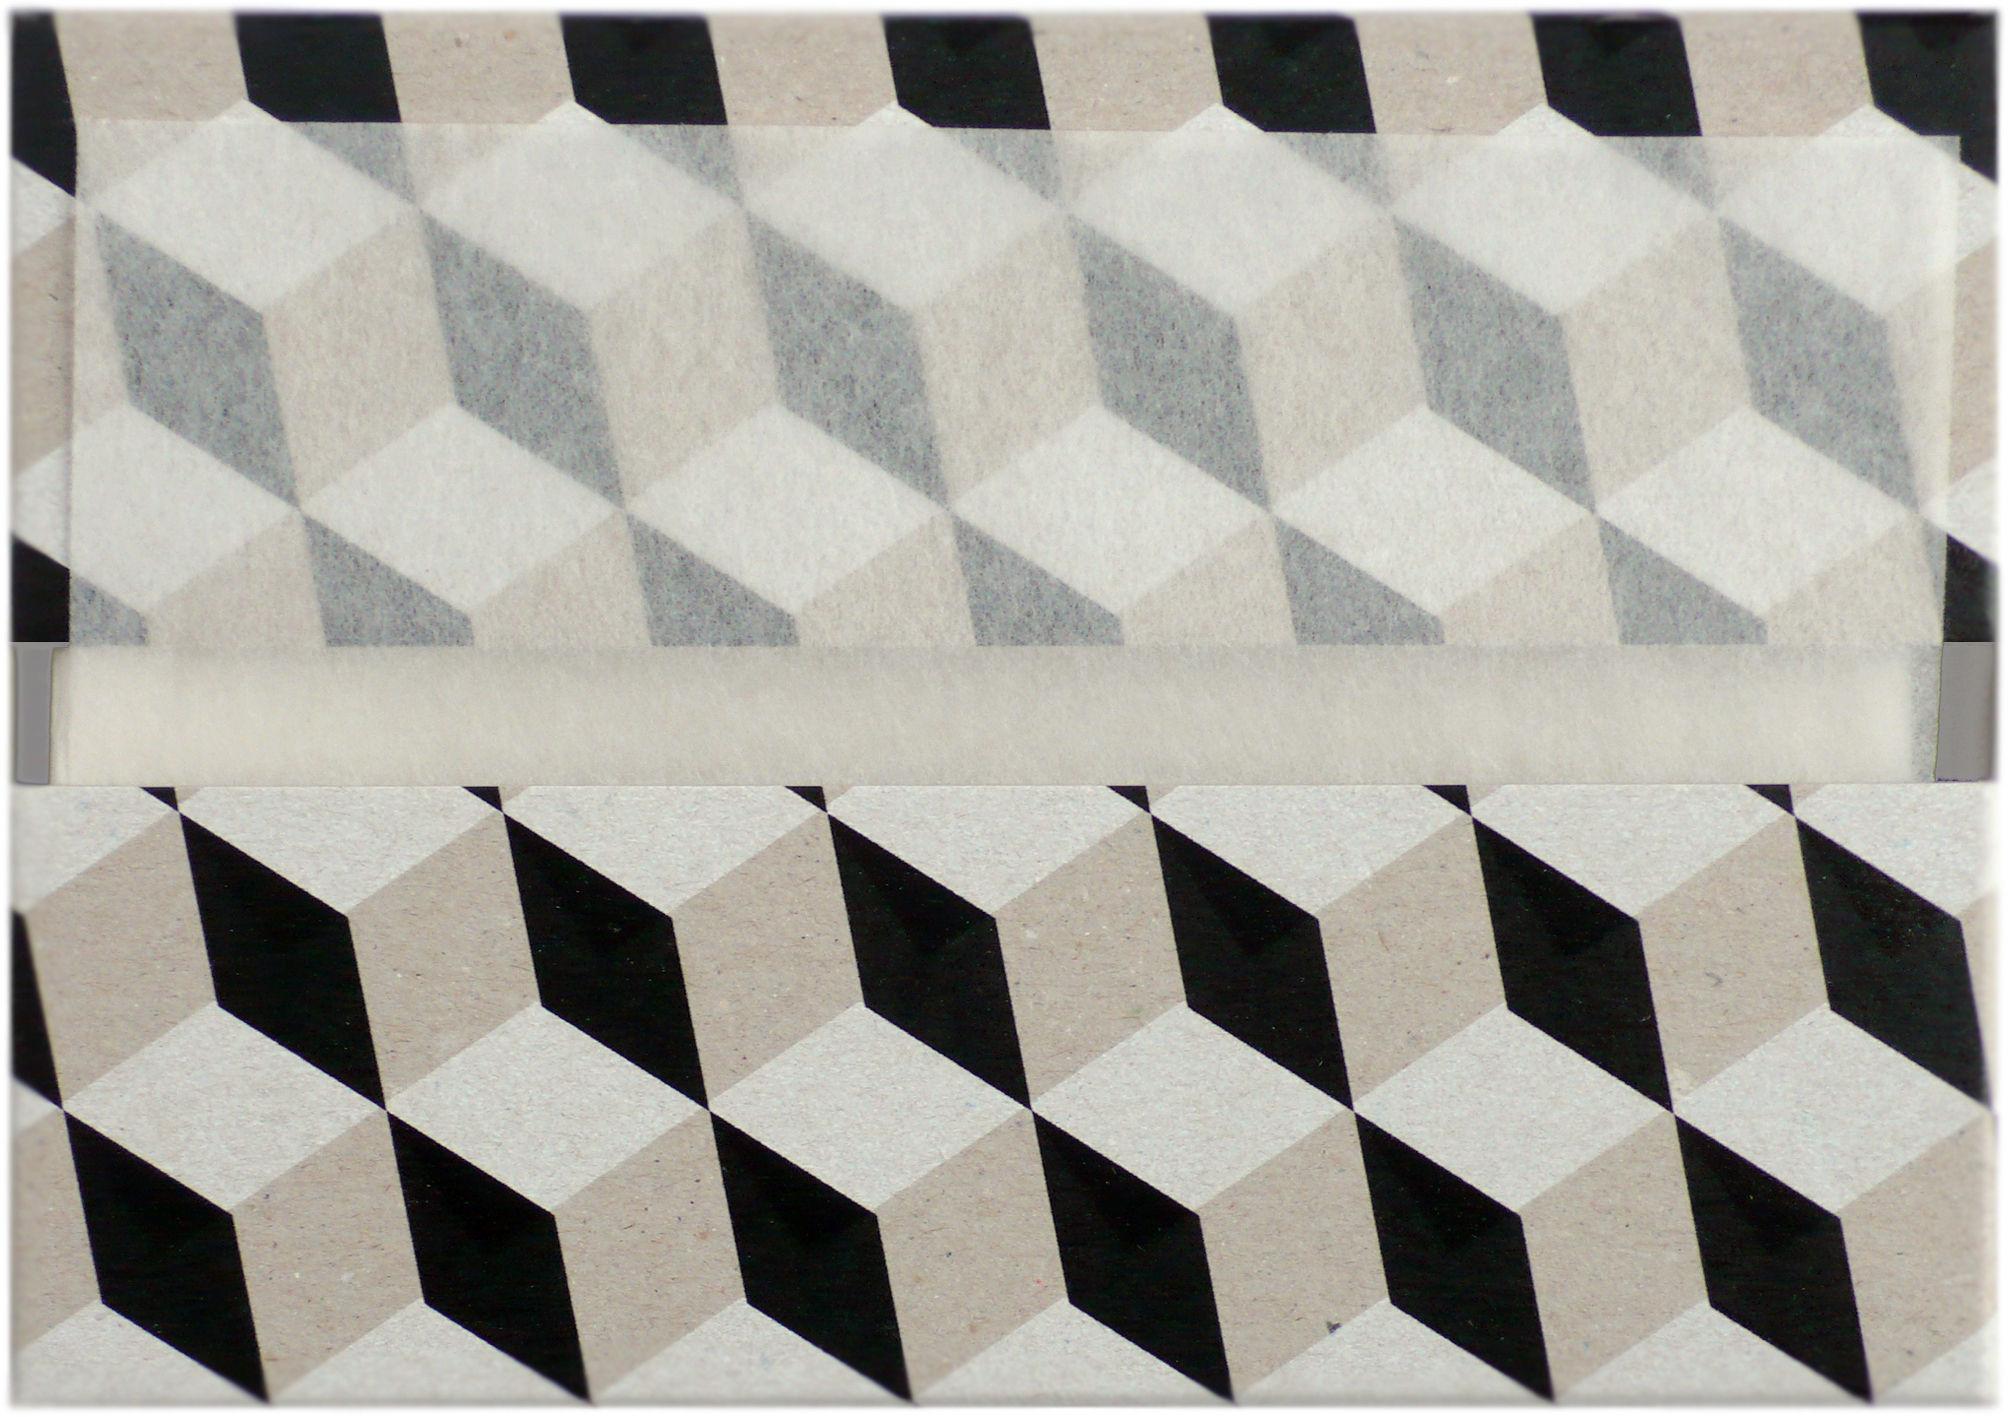 serviettes en papier les g om triques n 1 lot de 80 avec tui rechargeable bo te motifs. Black Bedroom Furniture Sets. Home Design Ideas